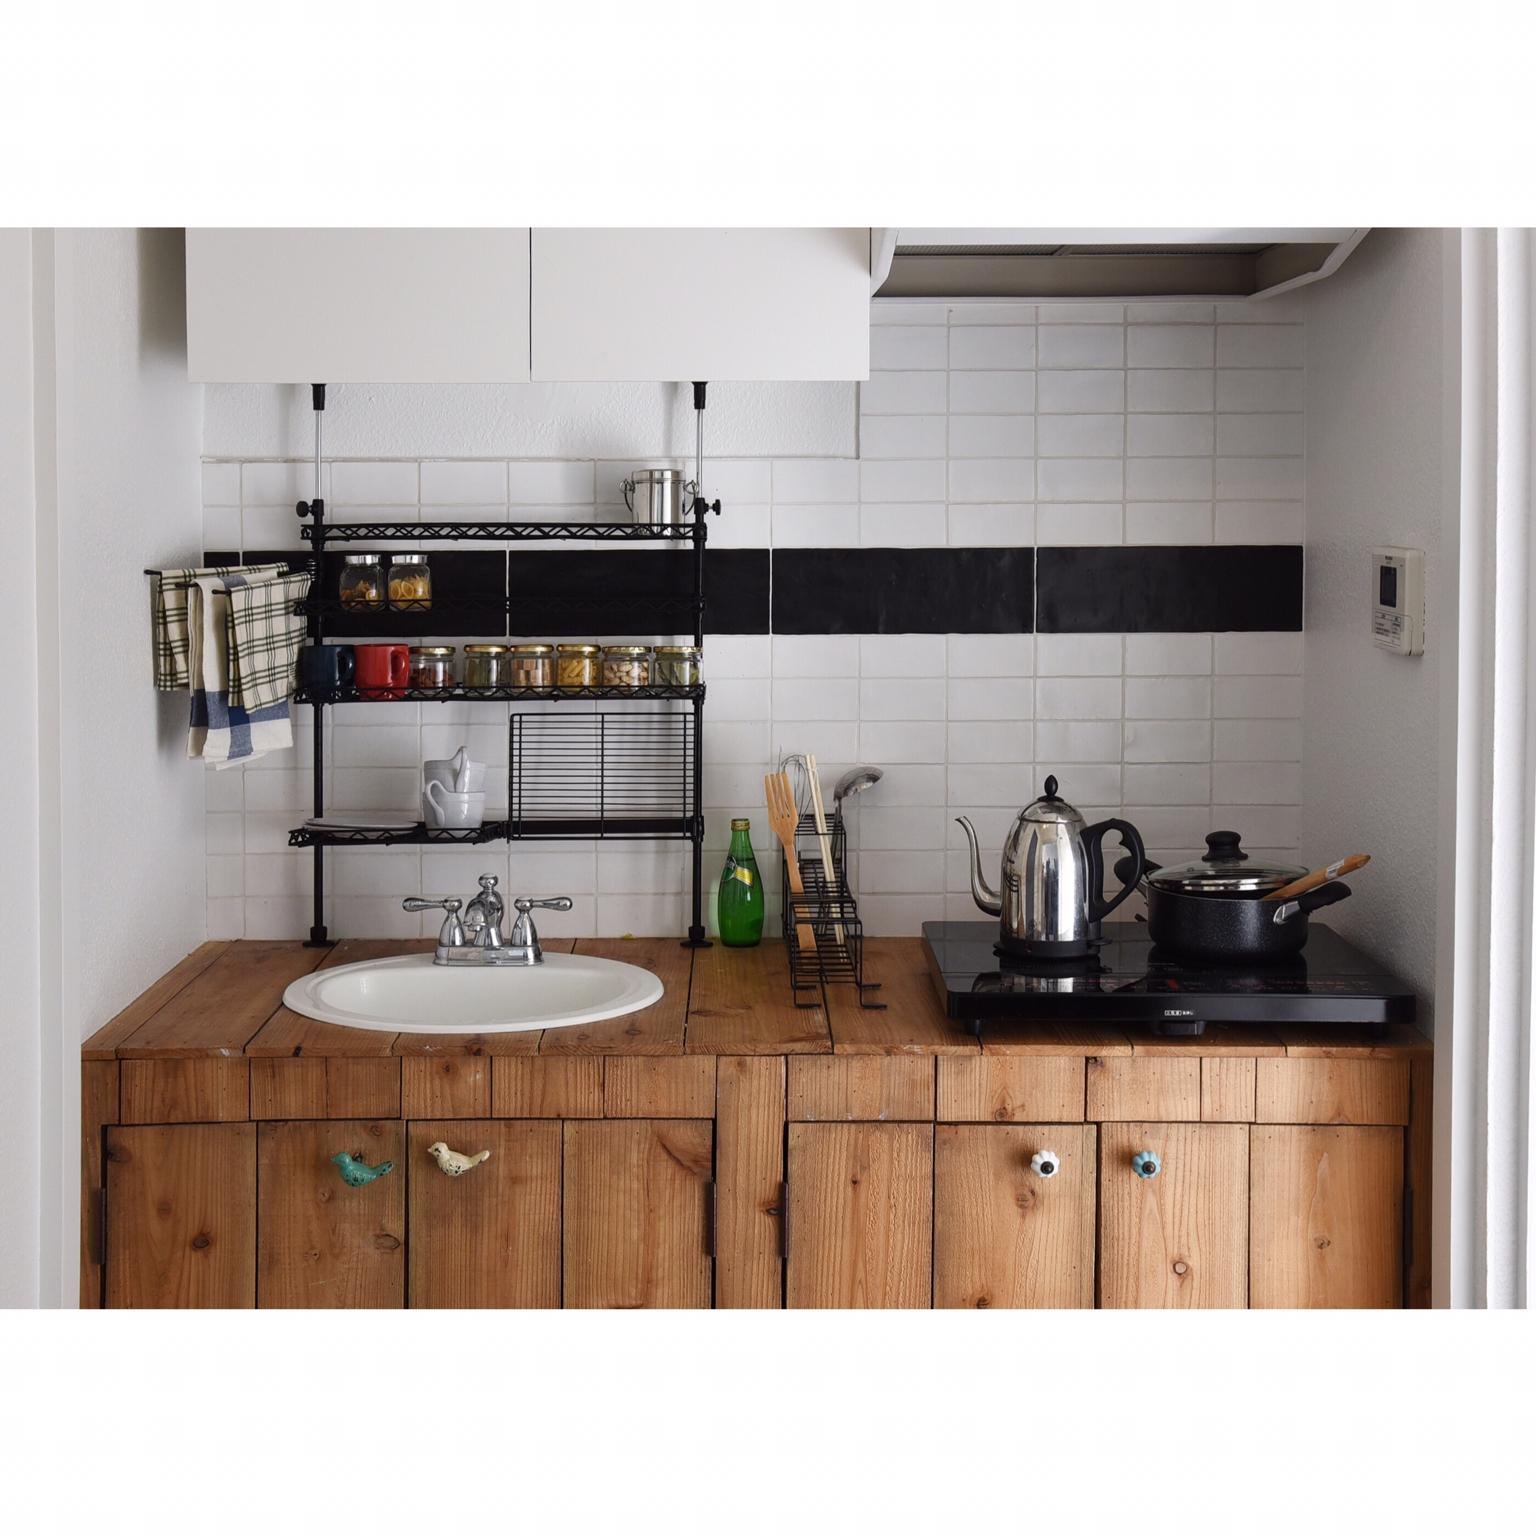 木製スツール/コンロ周り/調味料棚/セリア/白いアイテム/ホワイト好き…などに関連する他の写真